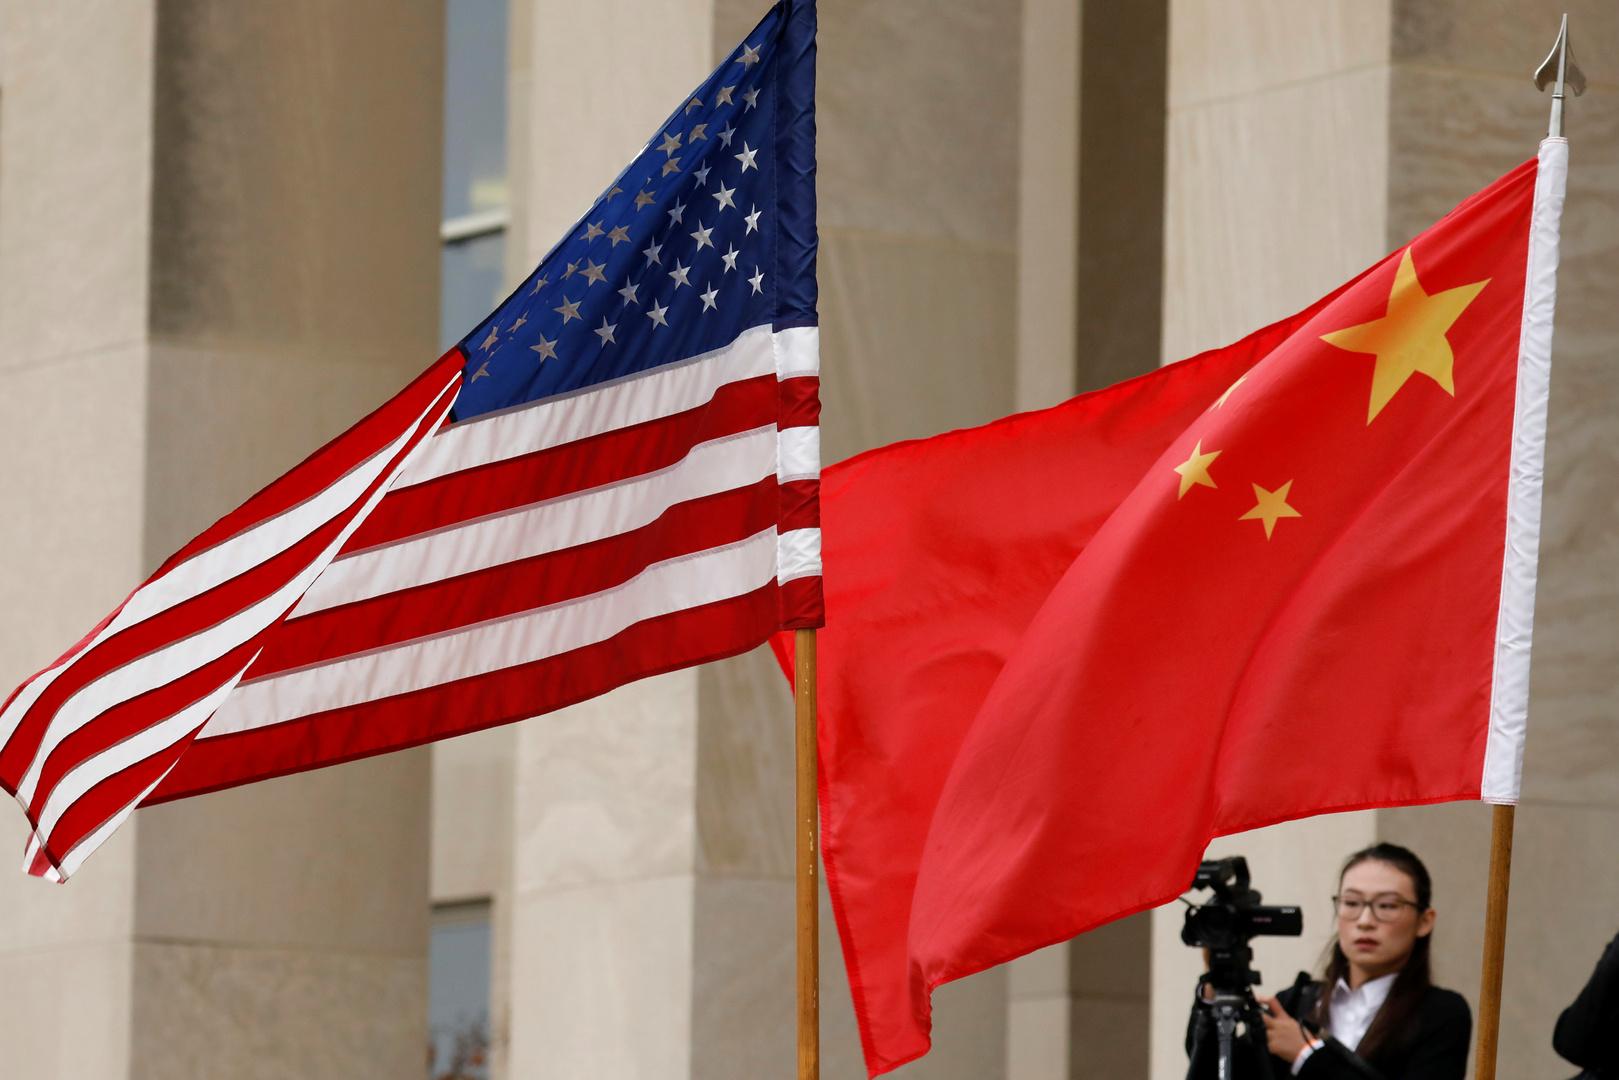 الصين تحث الولايات المتحدة على الكف عن